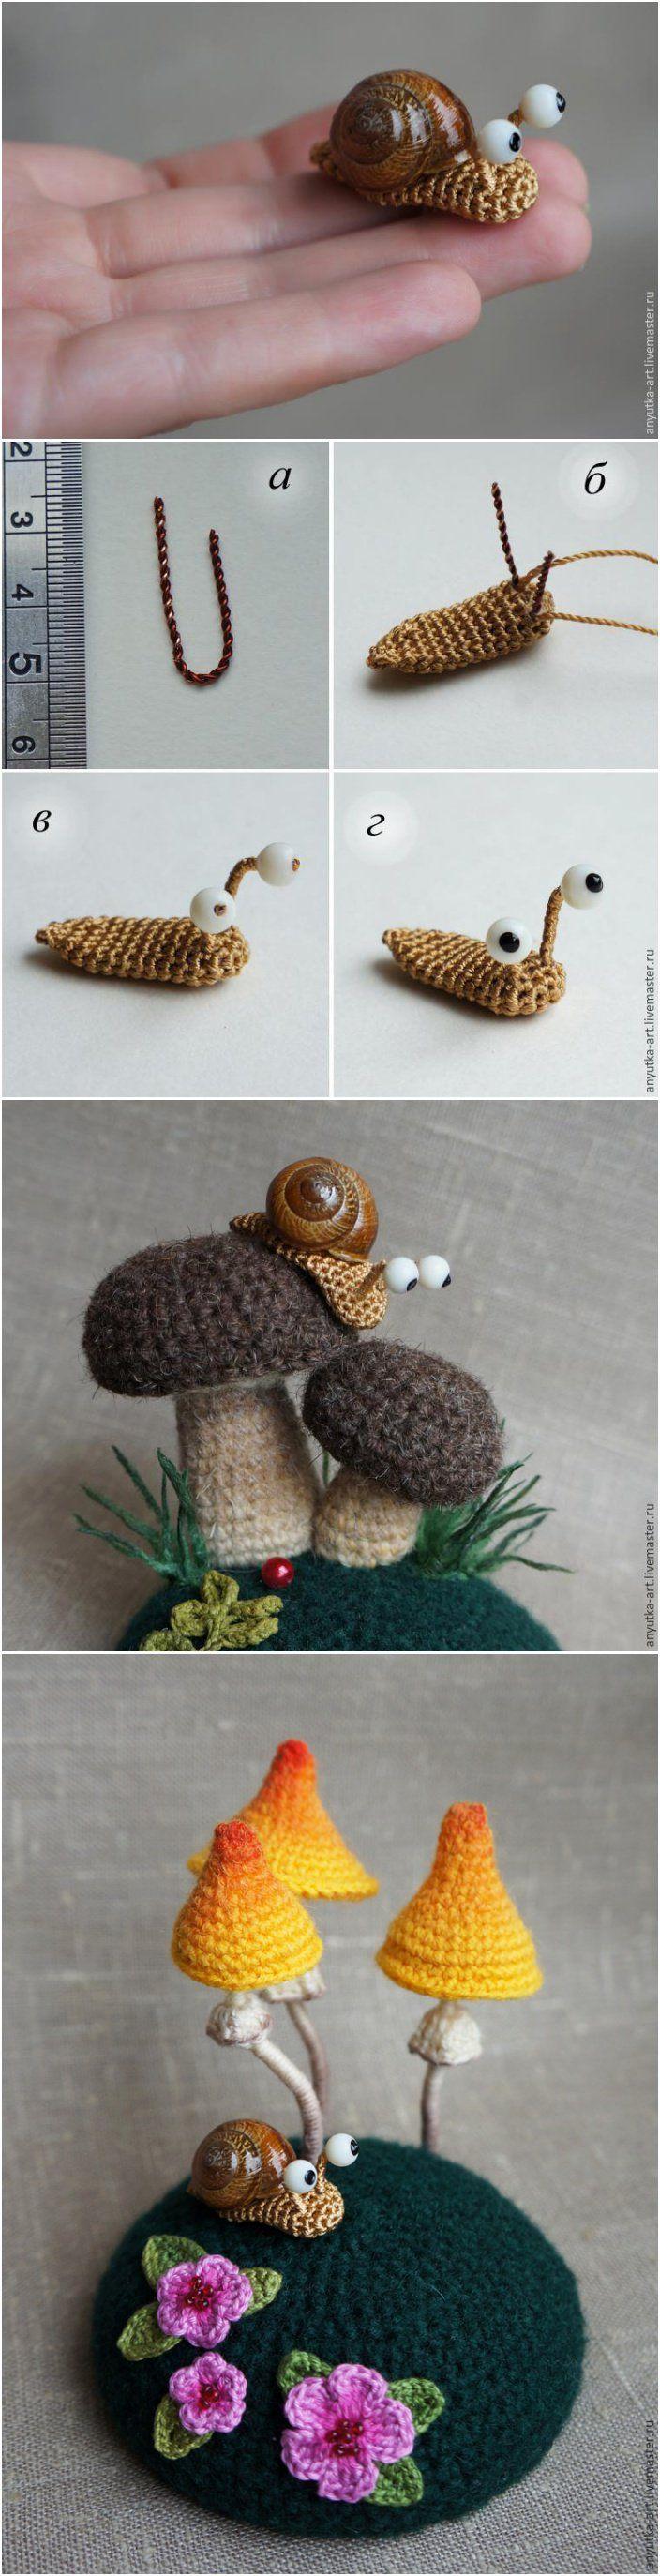 Crochet Snail avec motif gratuit